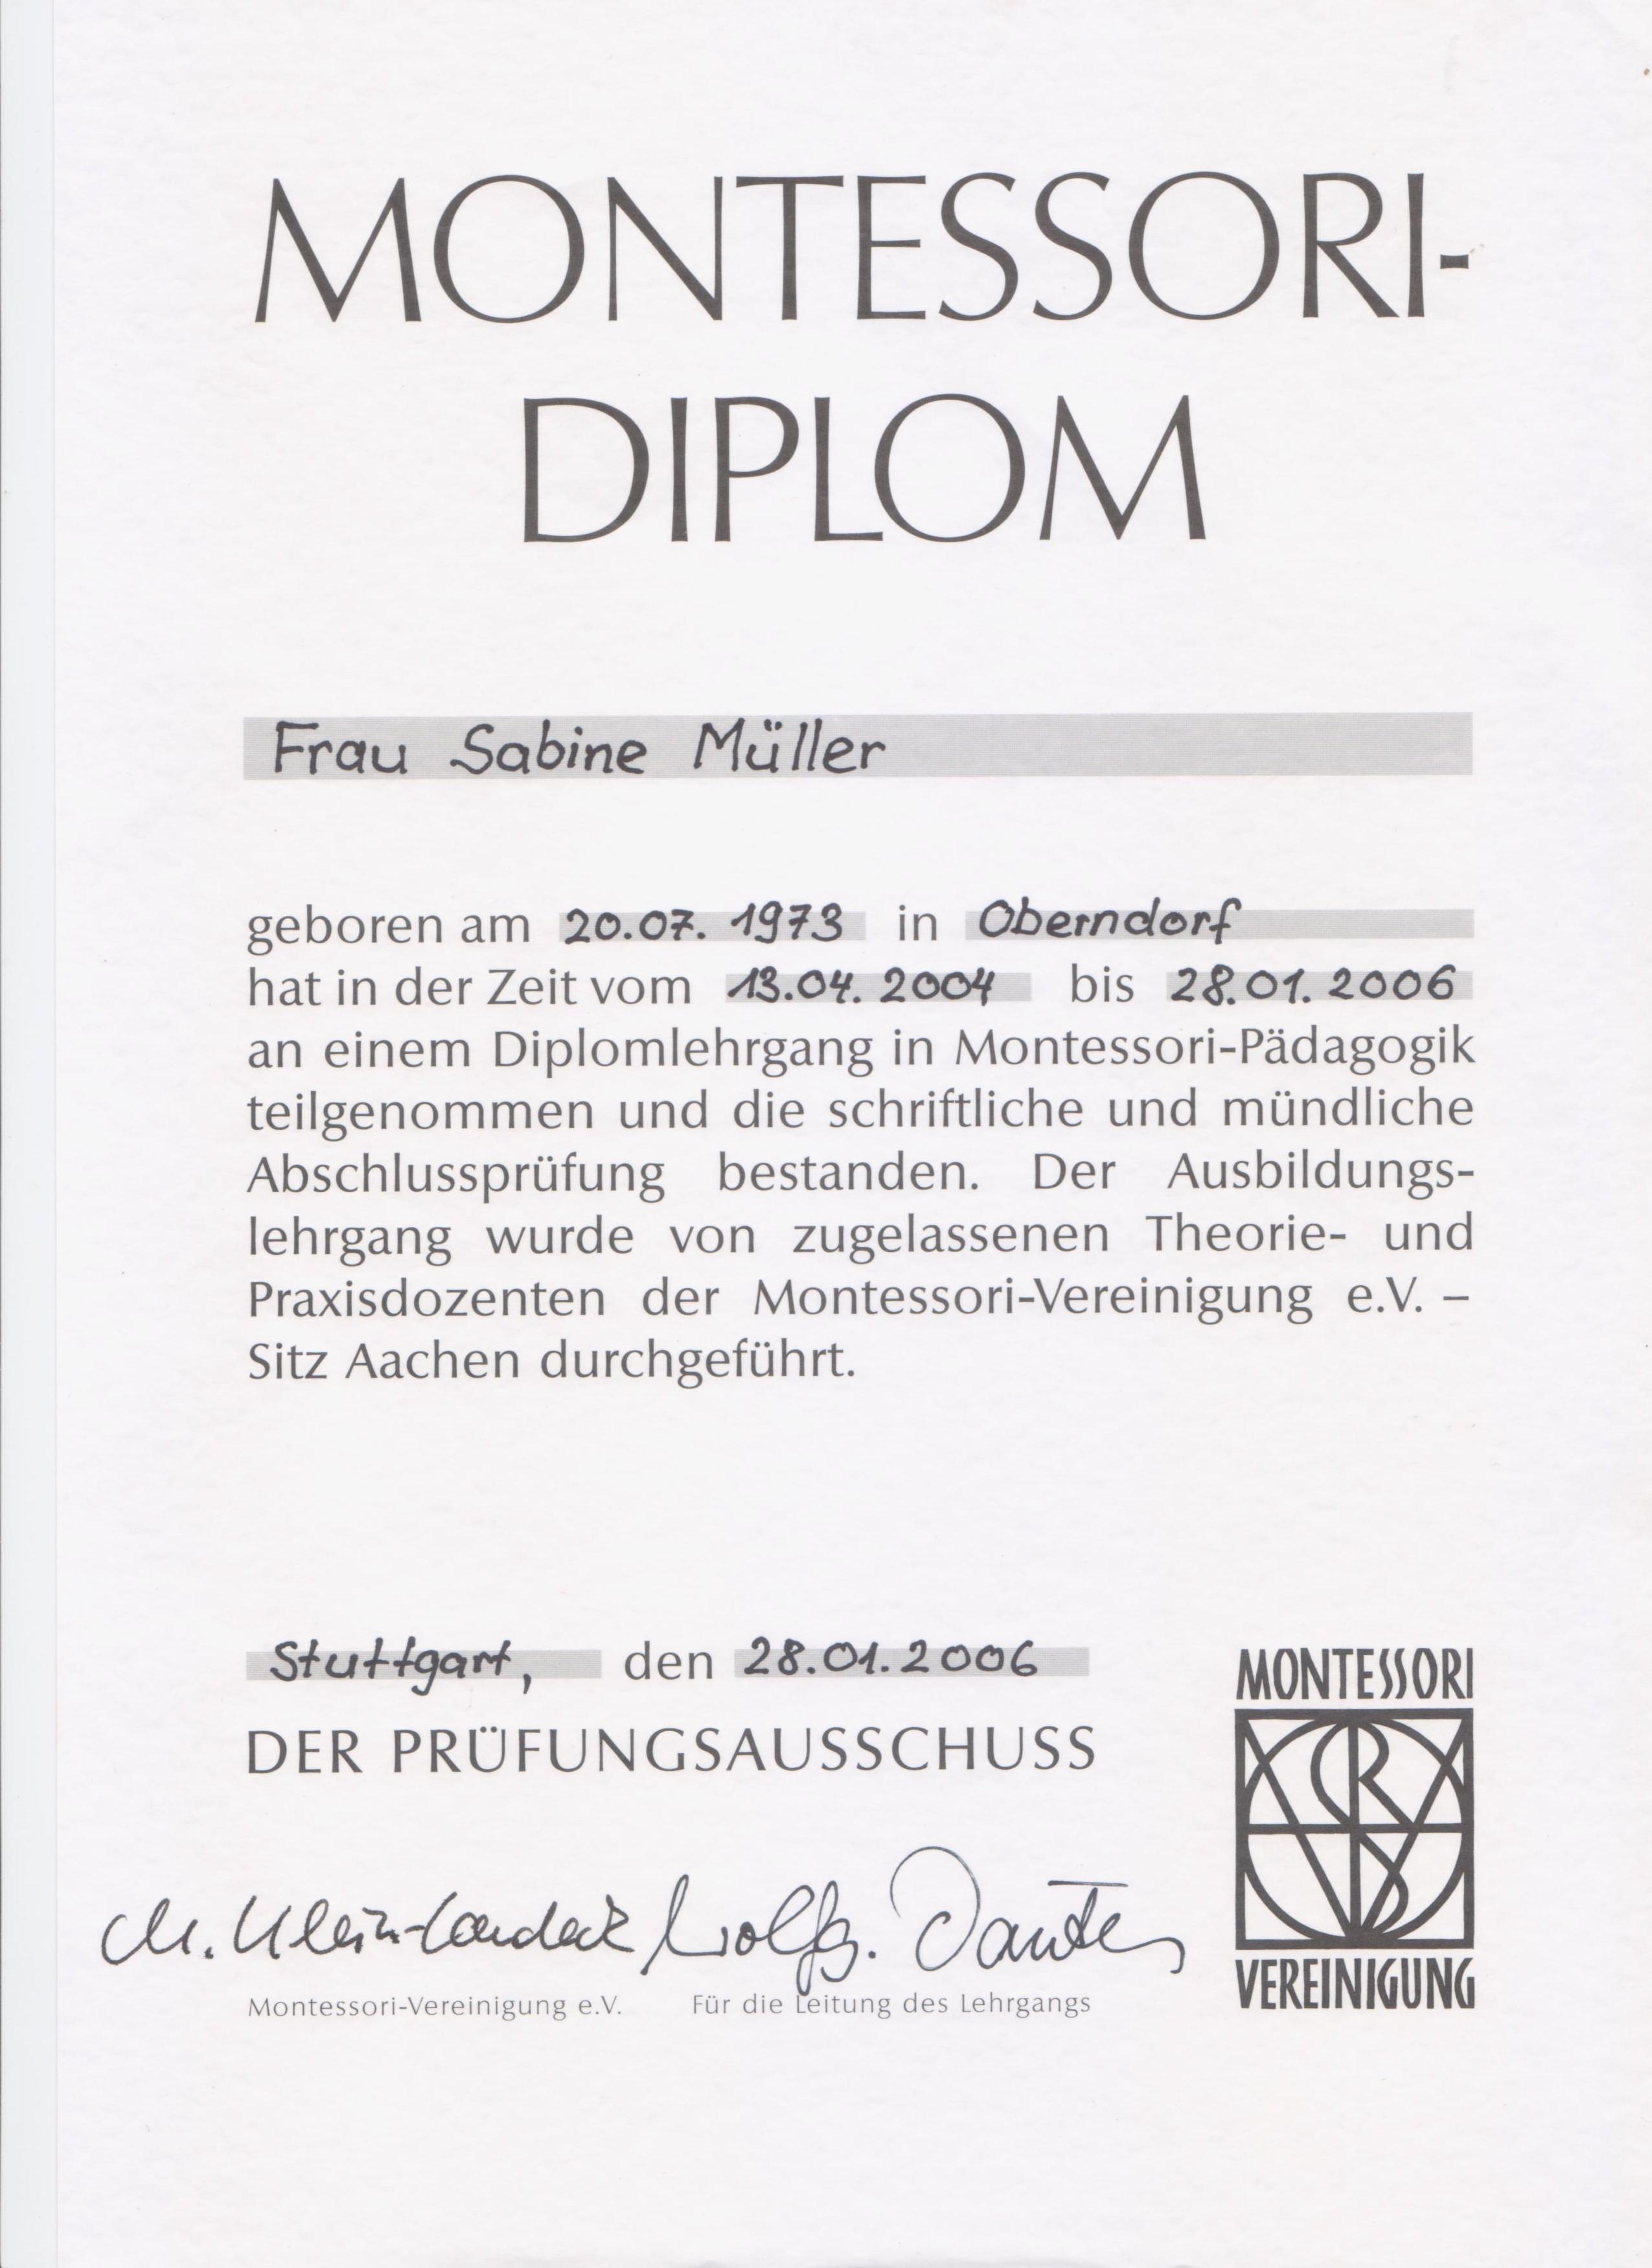 Das Montessori-Diplom von Sabine Müller